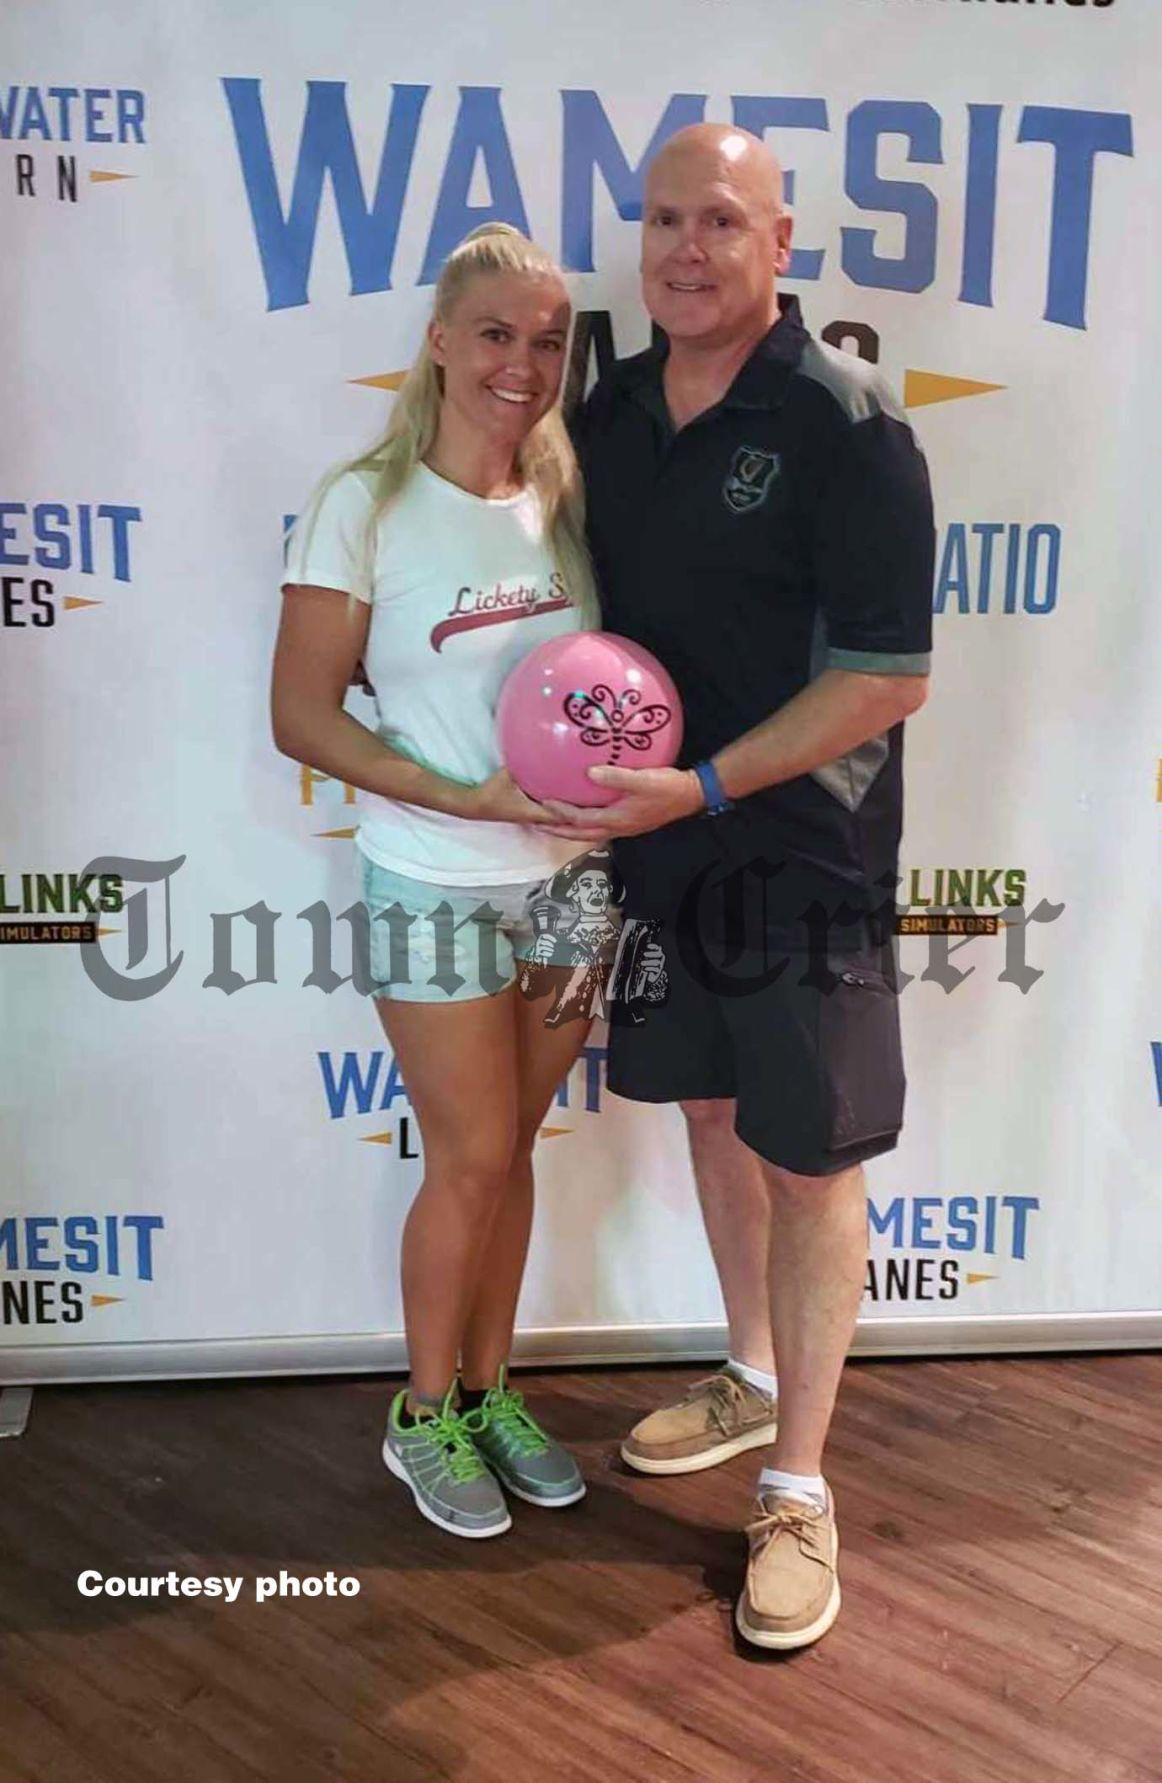 Joe Russell with his daughter Jordan